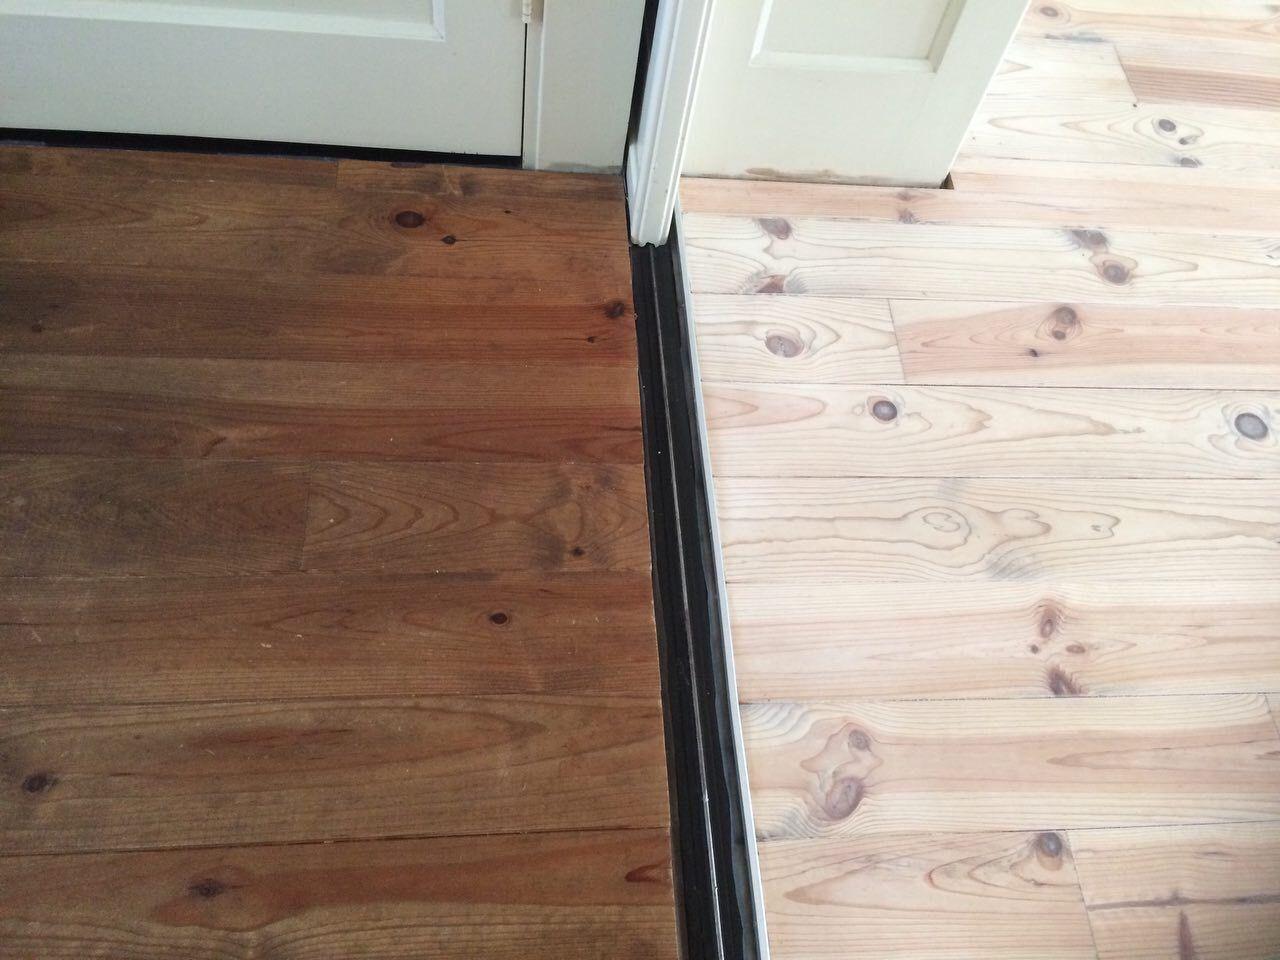 Afbeeldingsresultaat voor whitewash grenen vloer grenenvloer